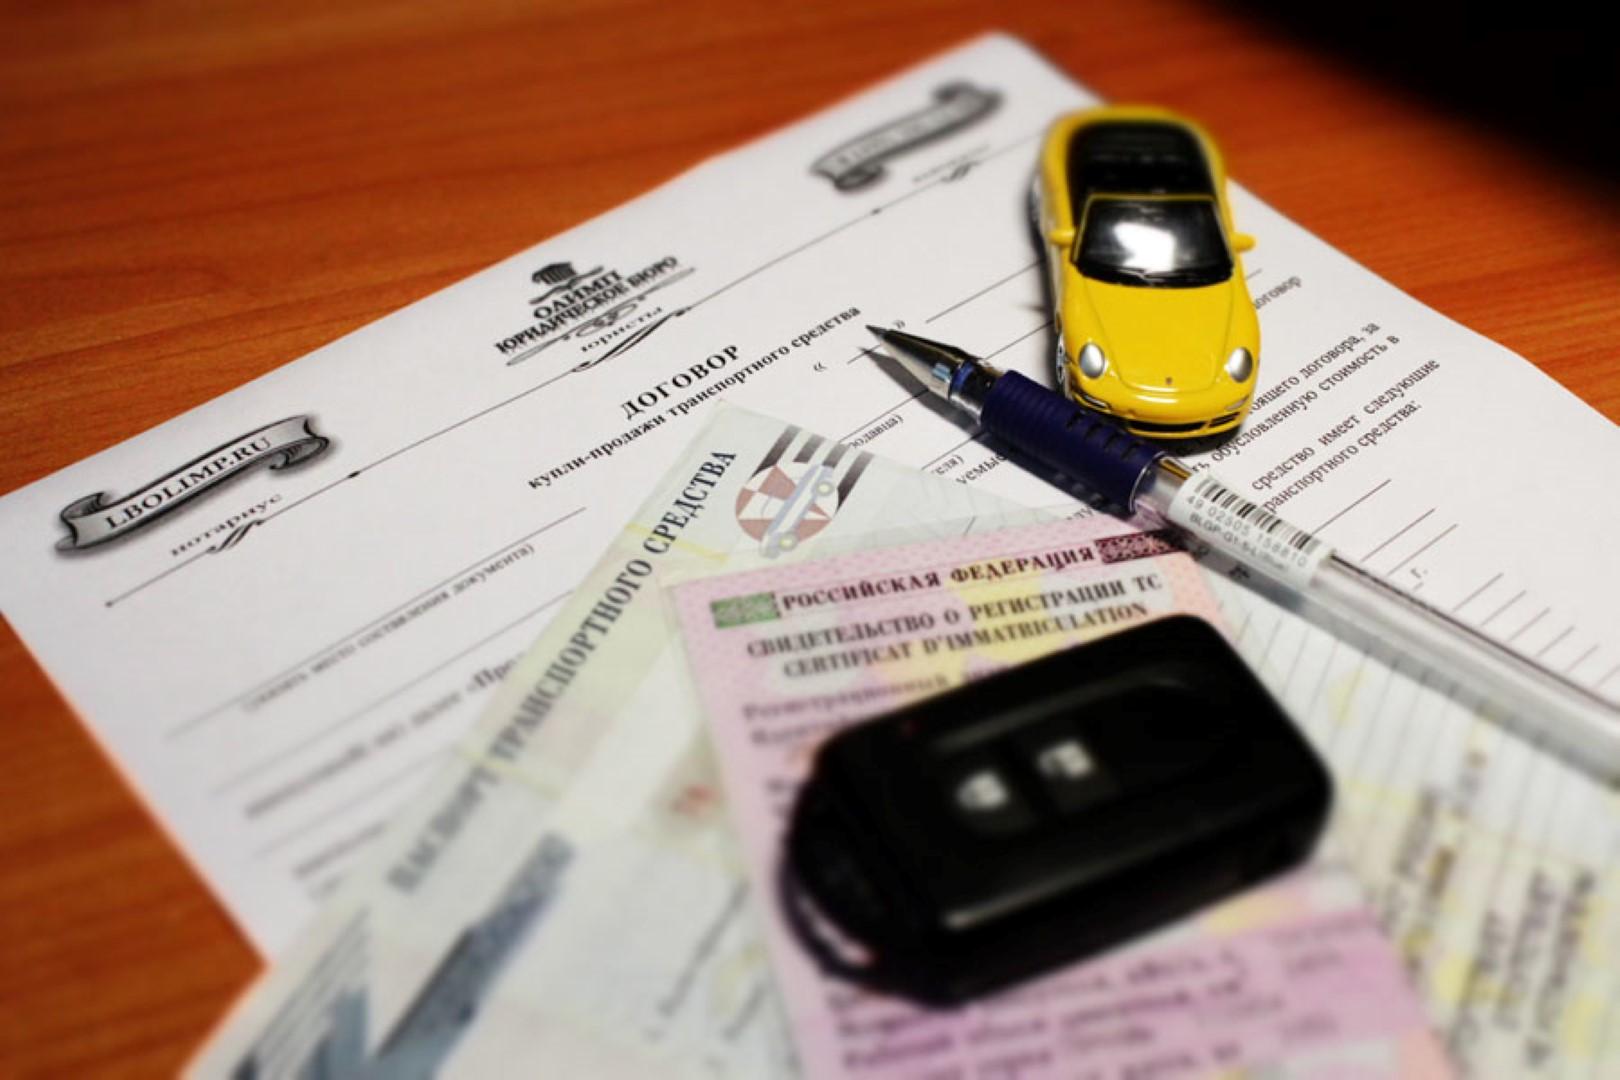 Как продать машину после вступления в наследство без регистрации на себя